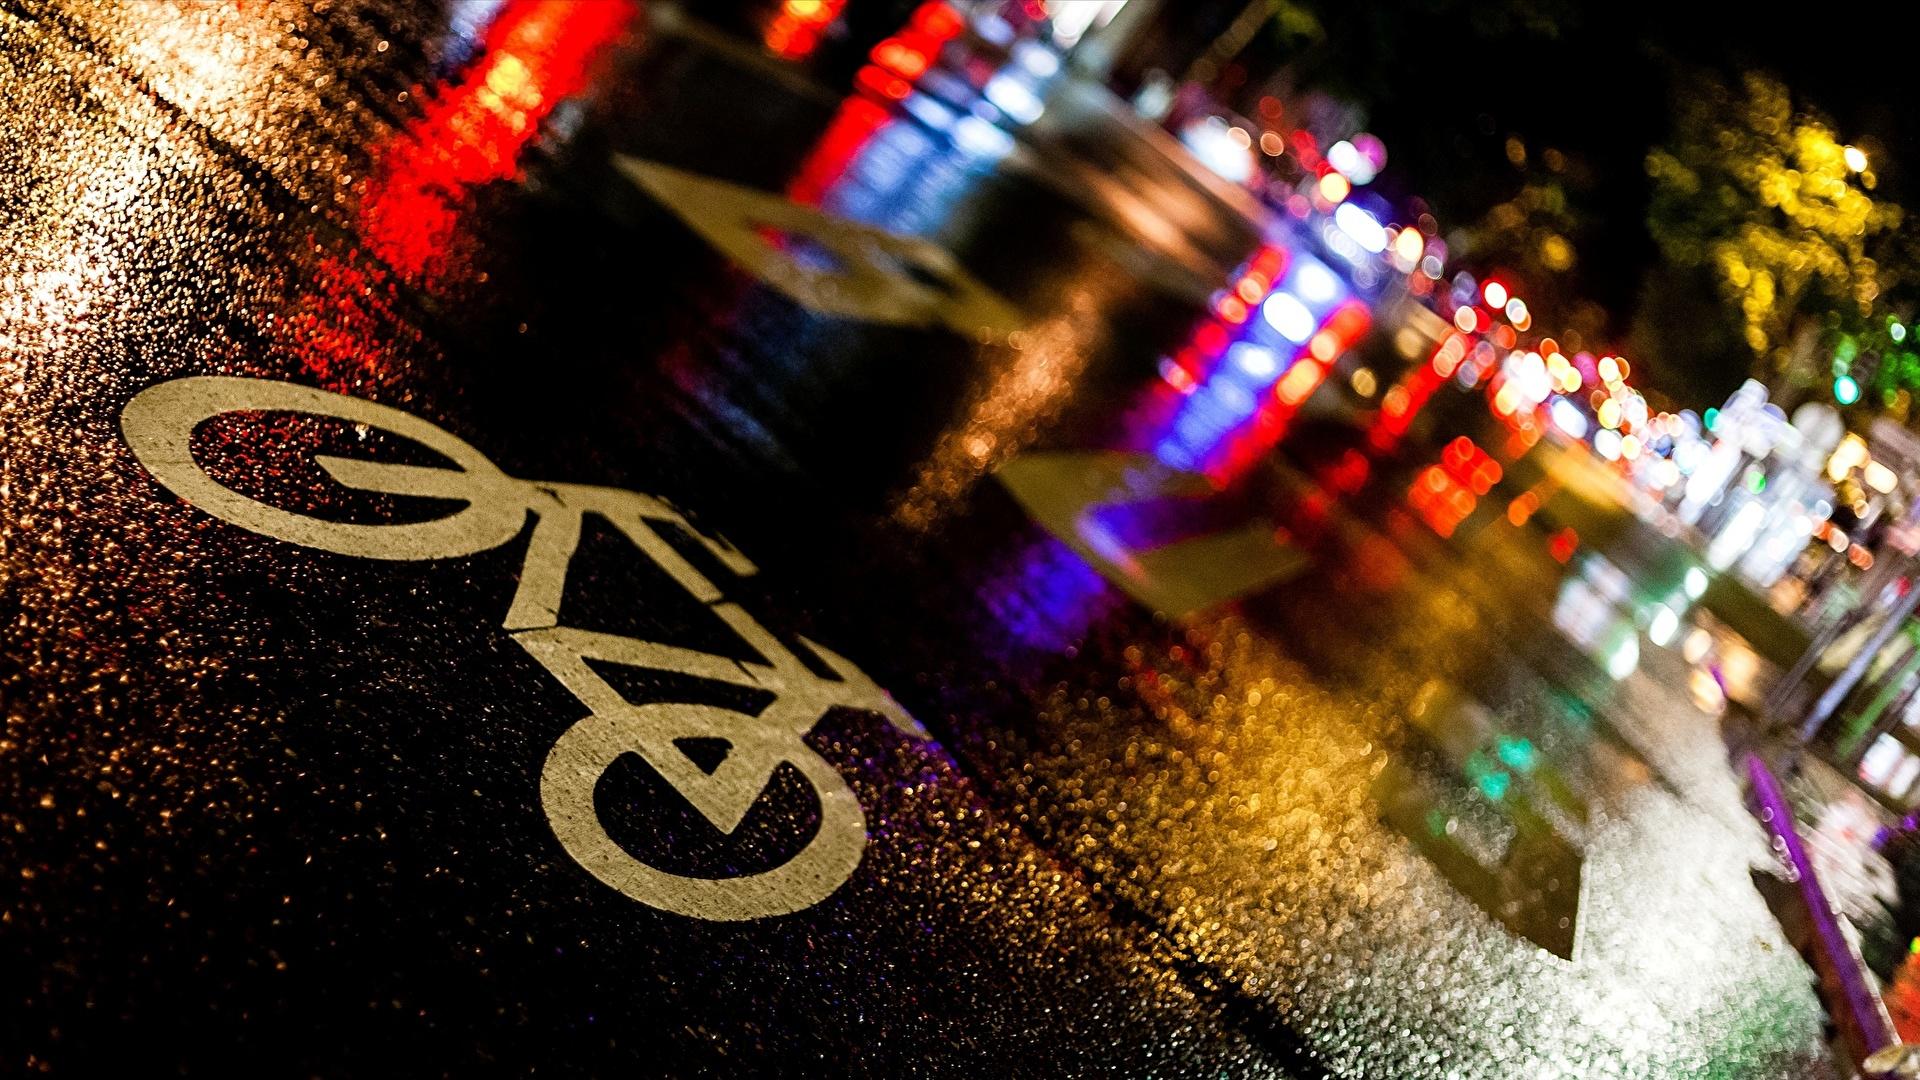 Фото Париж Франция Ile-de-France велосипеды Дороги в ночи асфальта город вблизи 1920x1080 париже Велосипед велосипеде Ночь ночью Ночные Асфальт Города Крупным планом